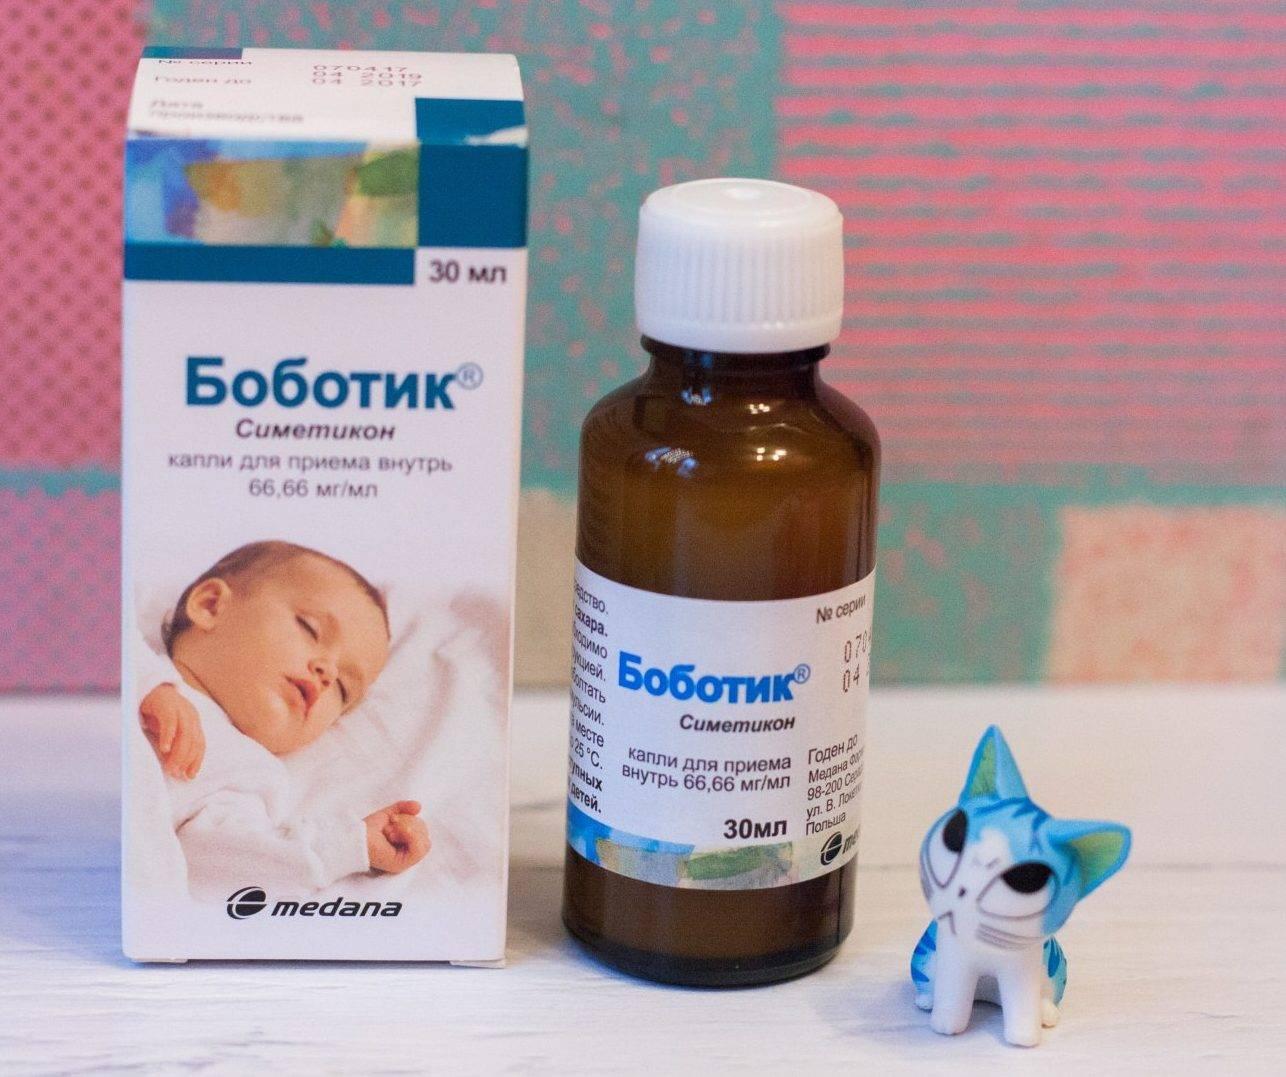 Какое лекарство можно дать новорожденному ребенку от живота